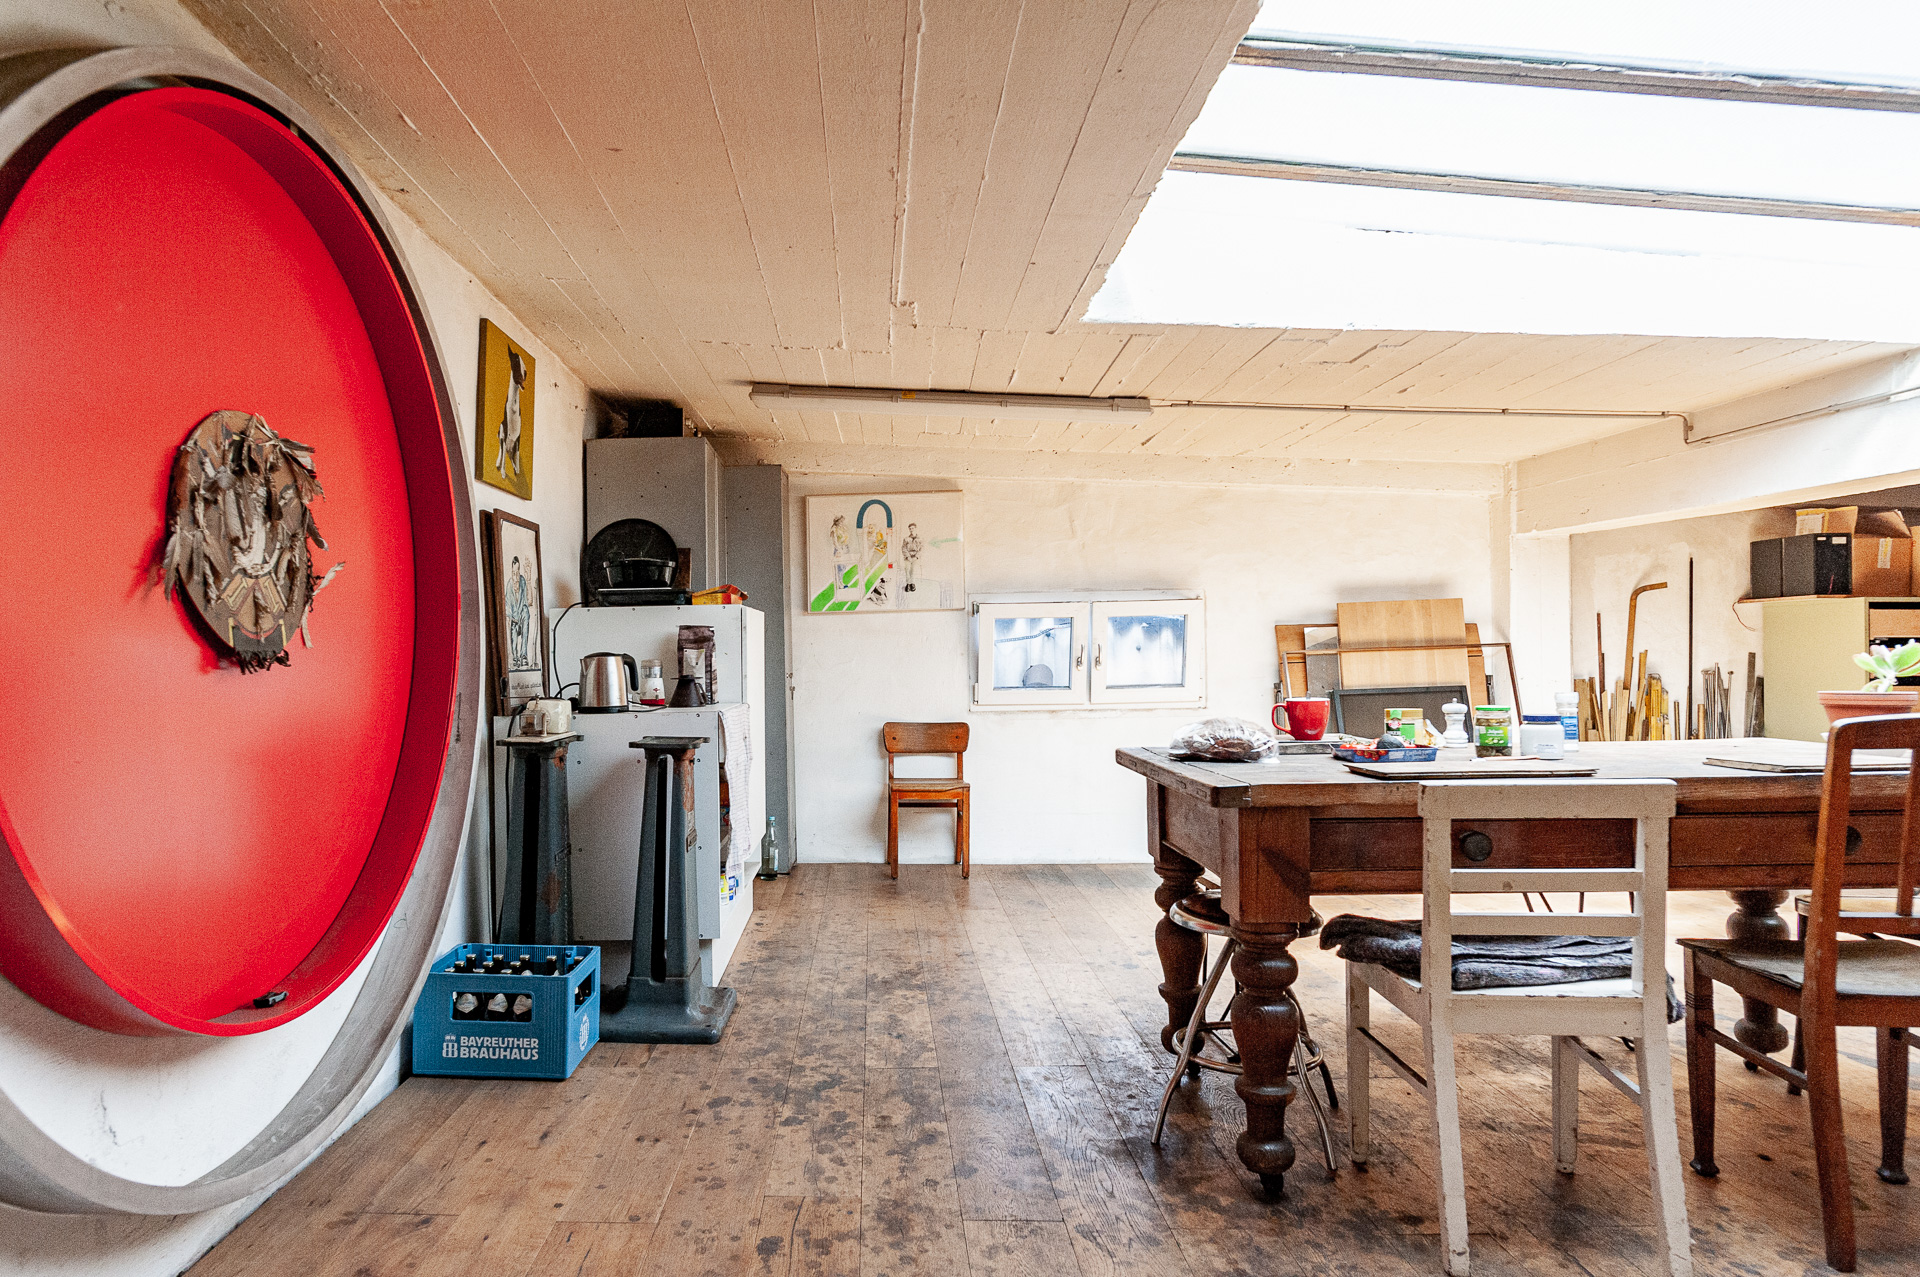 Besprechungsraum in der Werkstatt von Johannes Sitsen